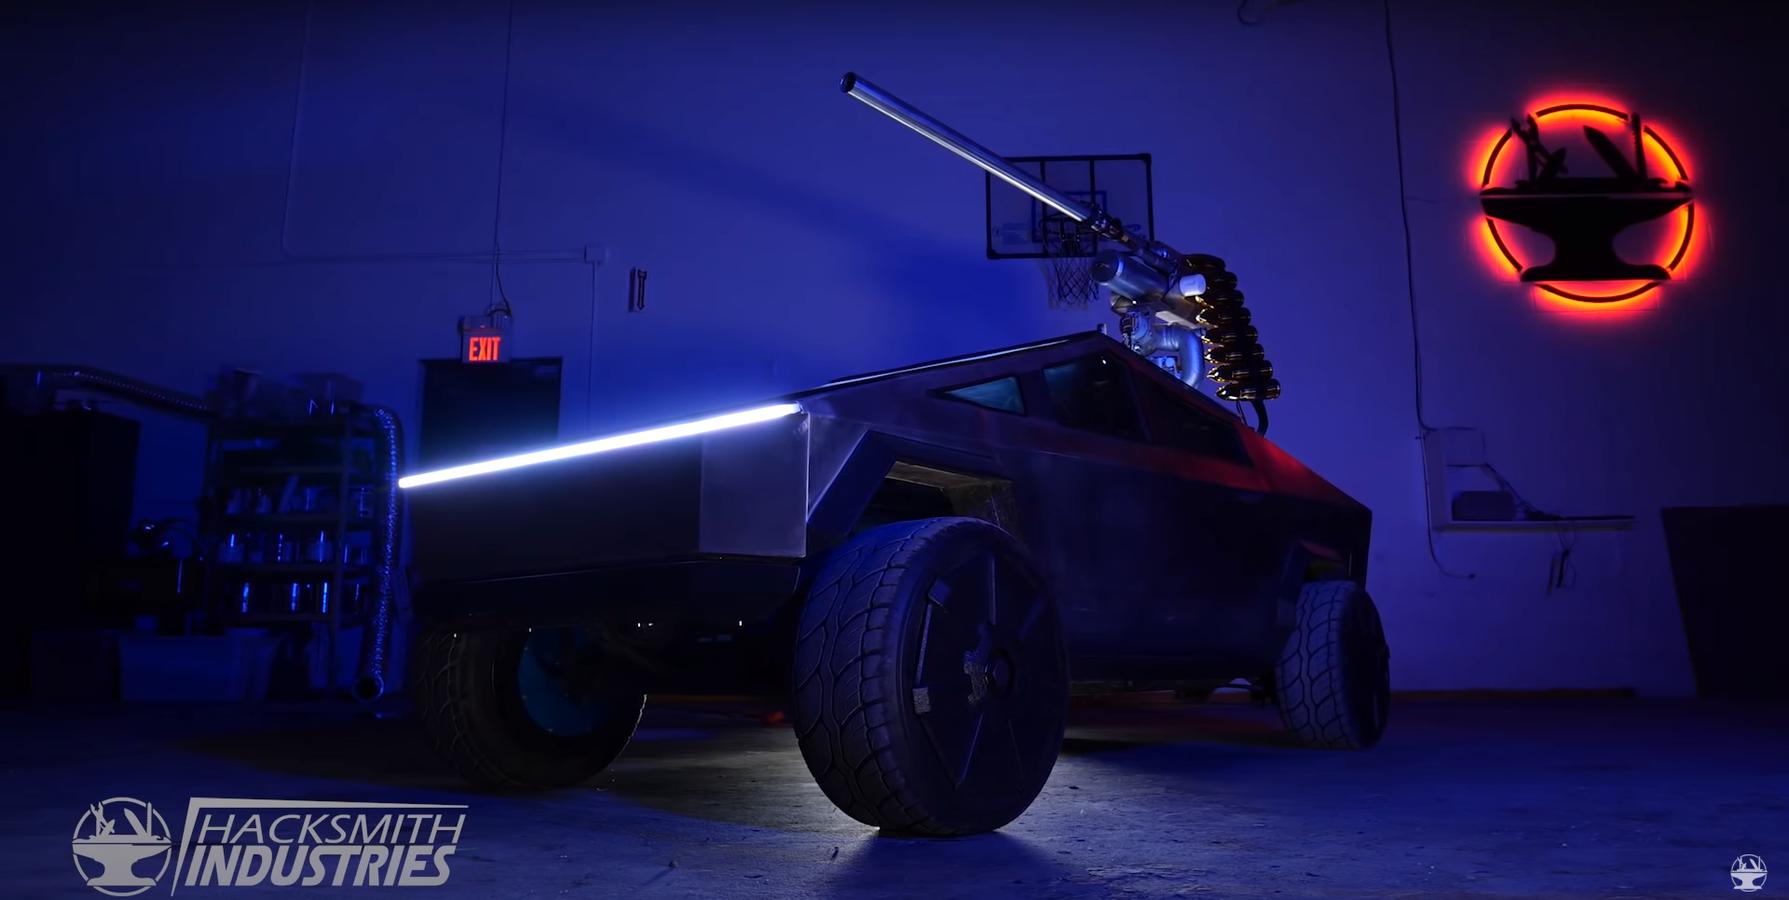 Міні Tesla Cybertruck обладнали діючою лазерною гарматою: відео